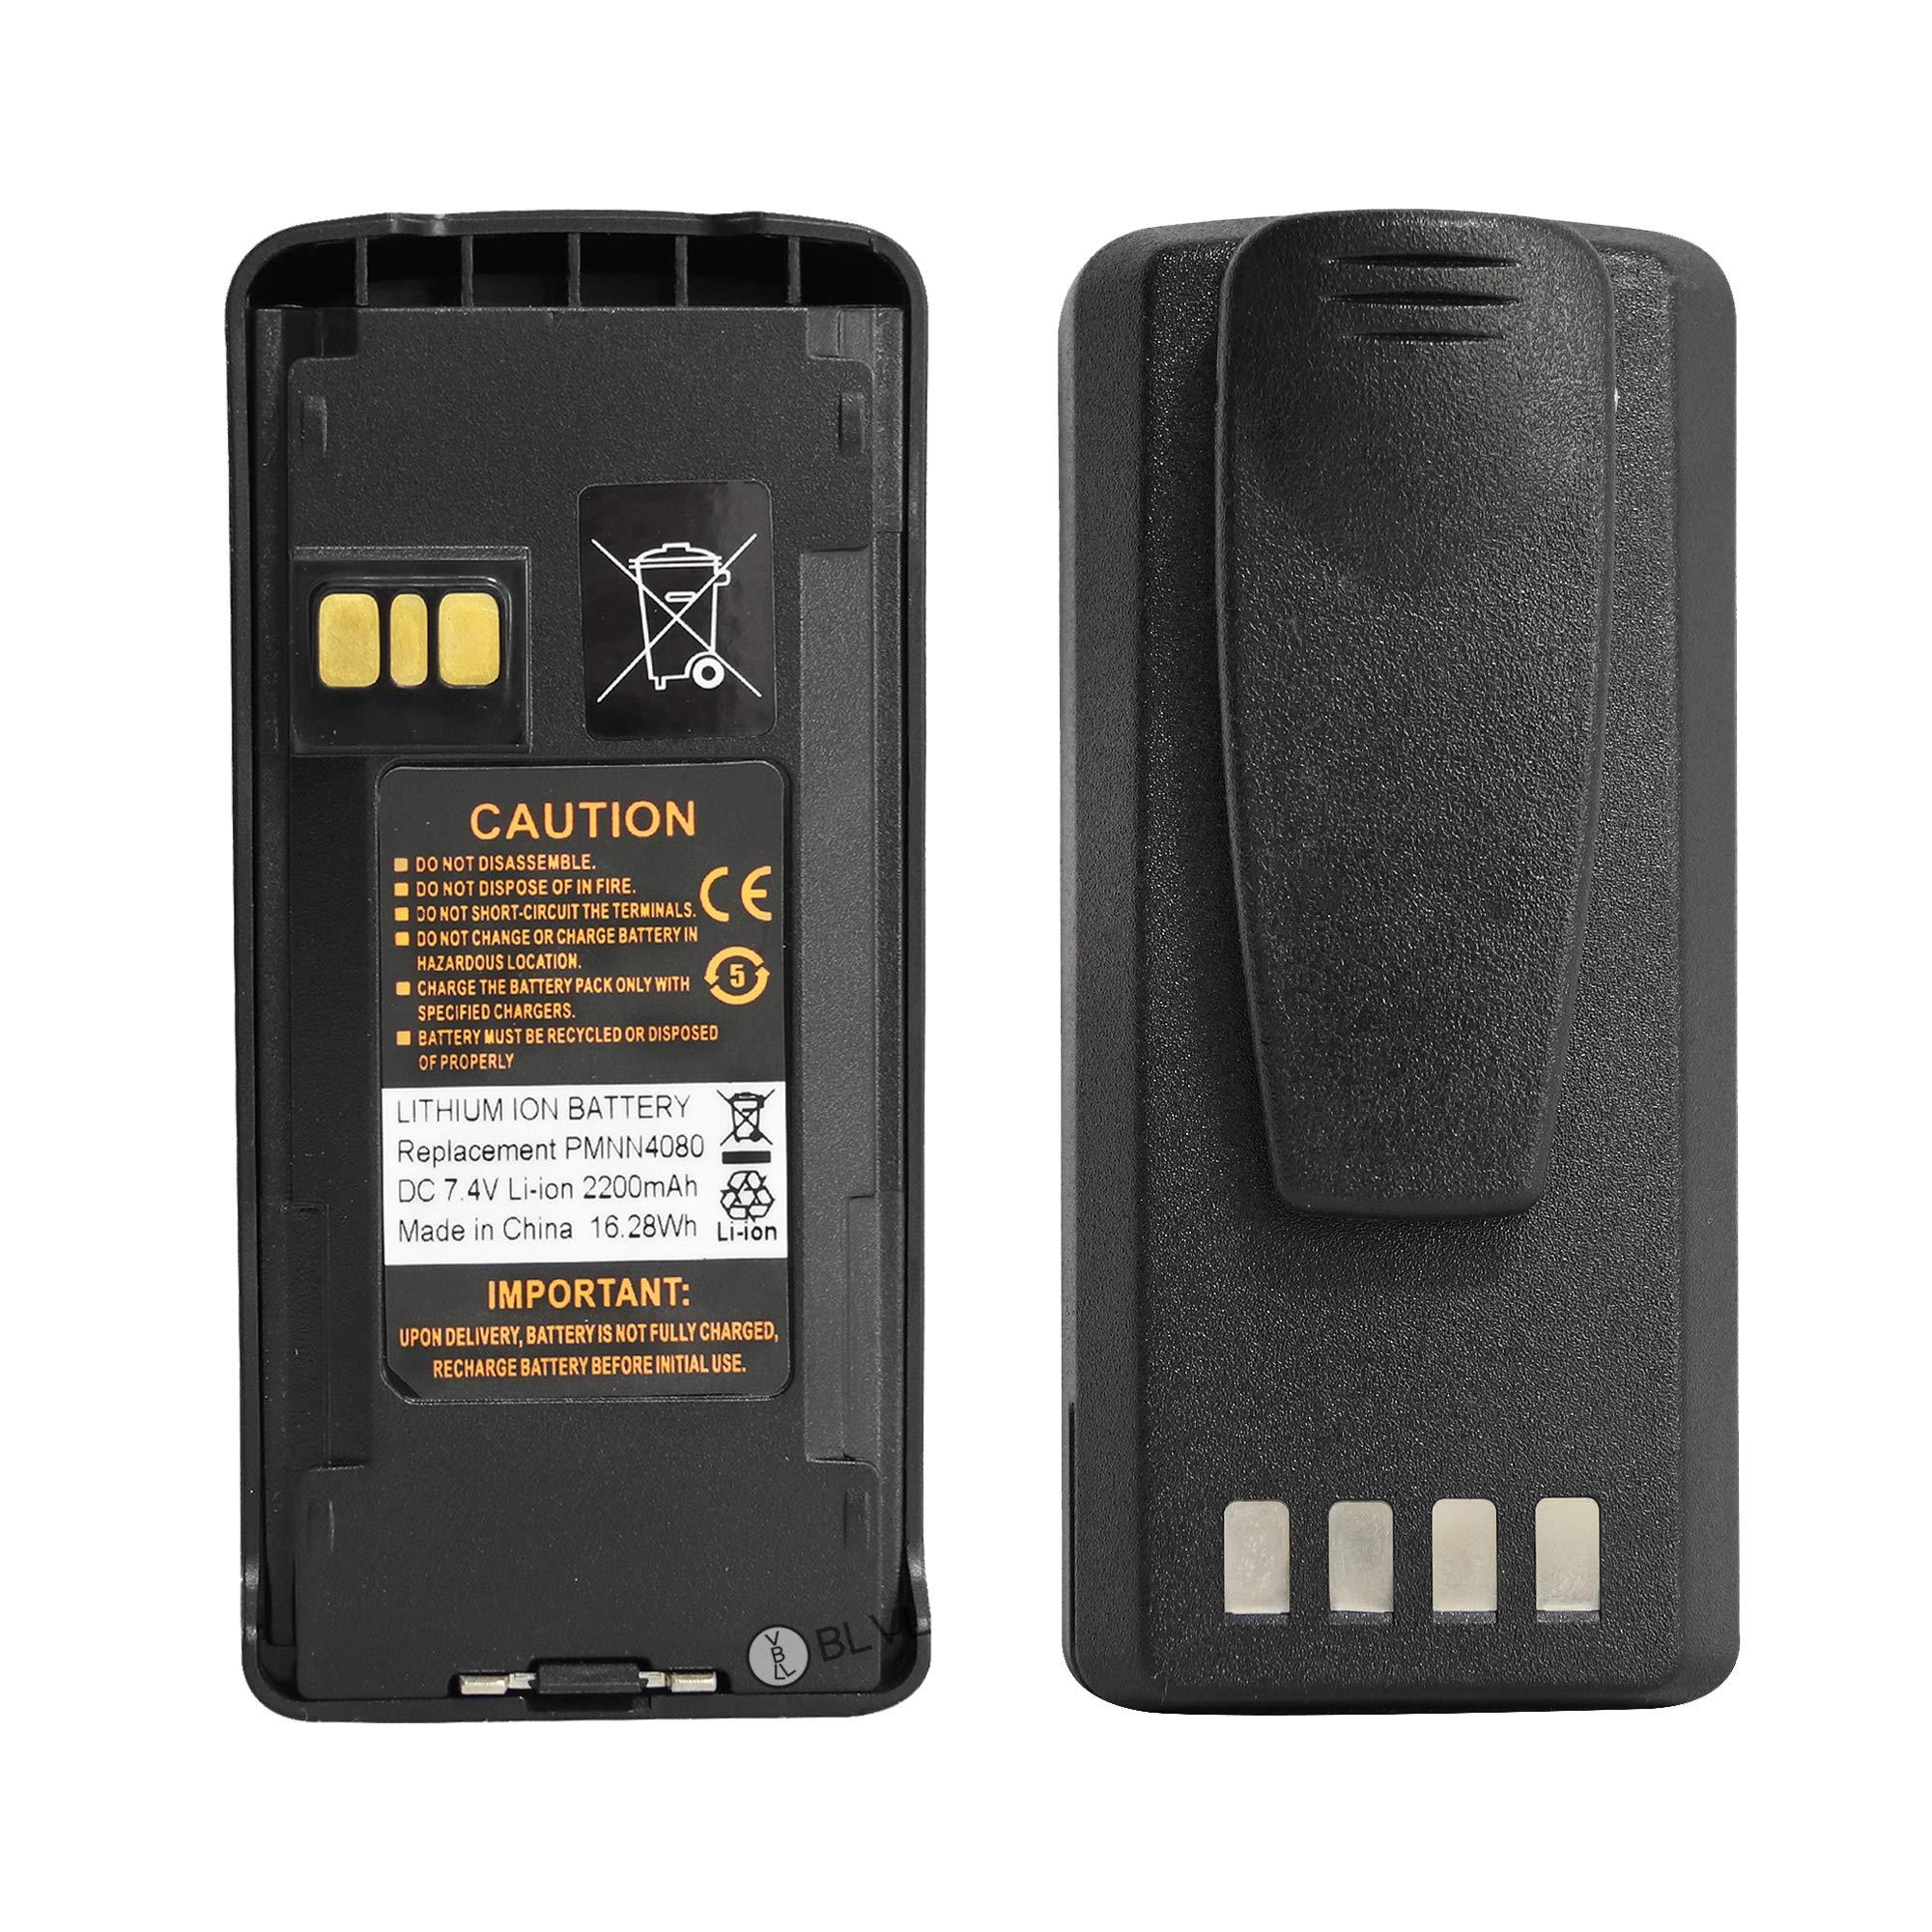 Guanshan PMNN4080 7.4V 2200mAh Li-ion Battery for Motorola CP185 CP476 CP477 CP1300 CP1600 CP1660 EP350 Radio